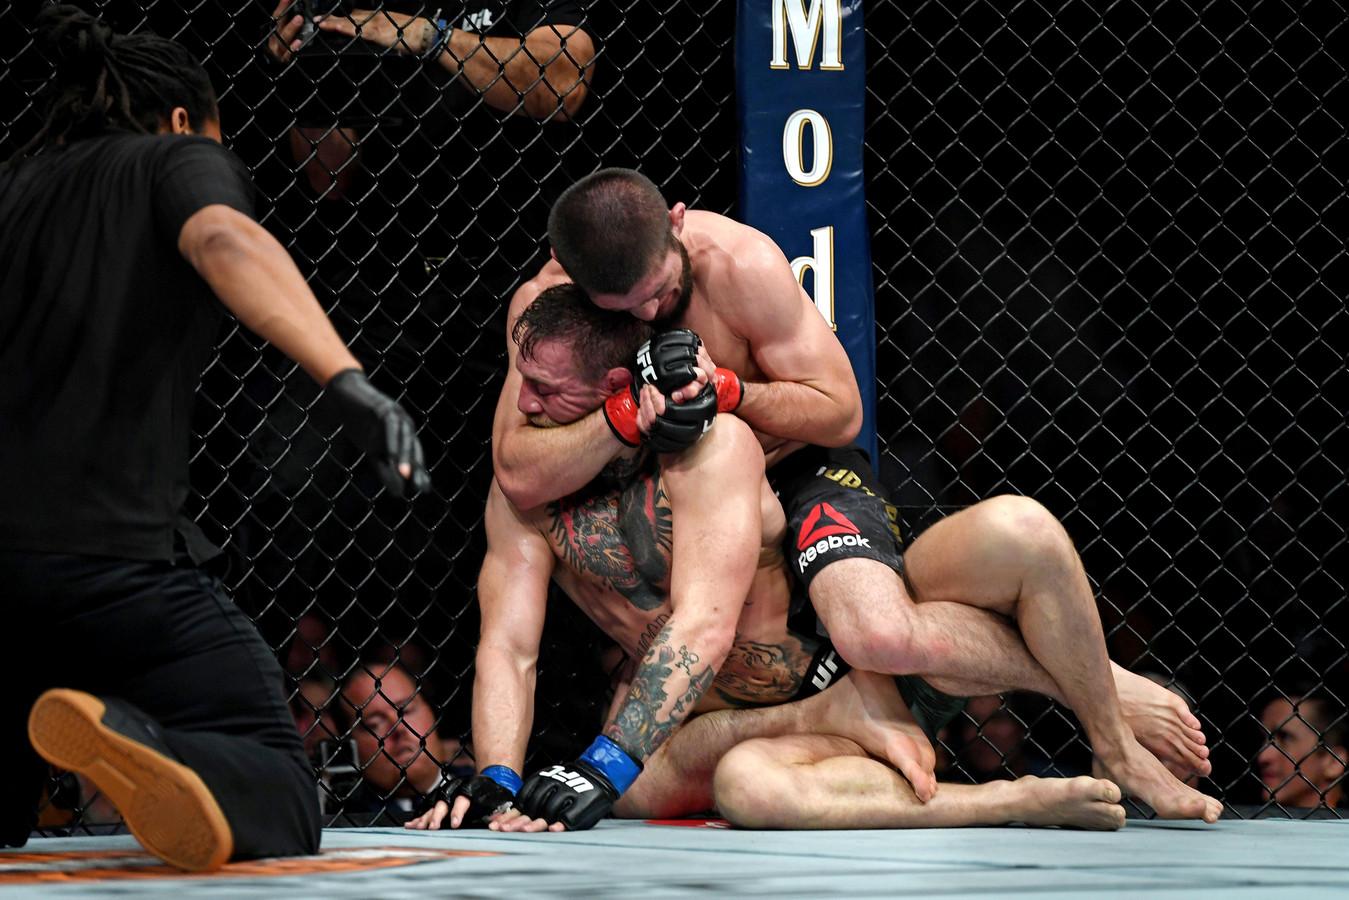 Khabib Nurmagomedov (rode handschoenen) neemt Conor McGregor in een wurggreep tijdens UFC 229 in de T-Mobile Arena.